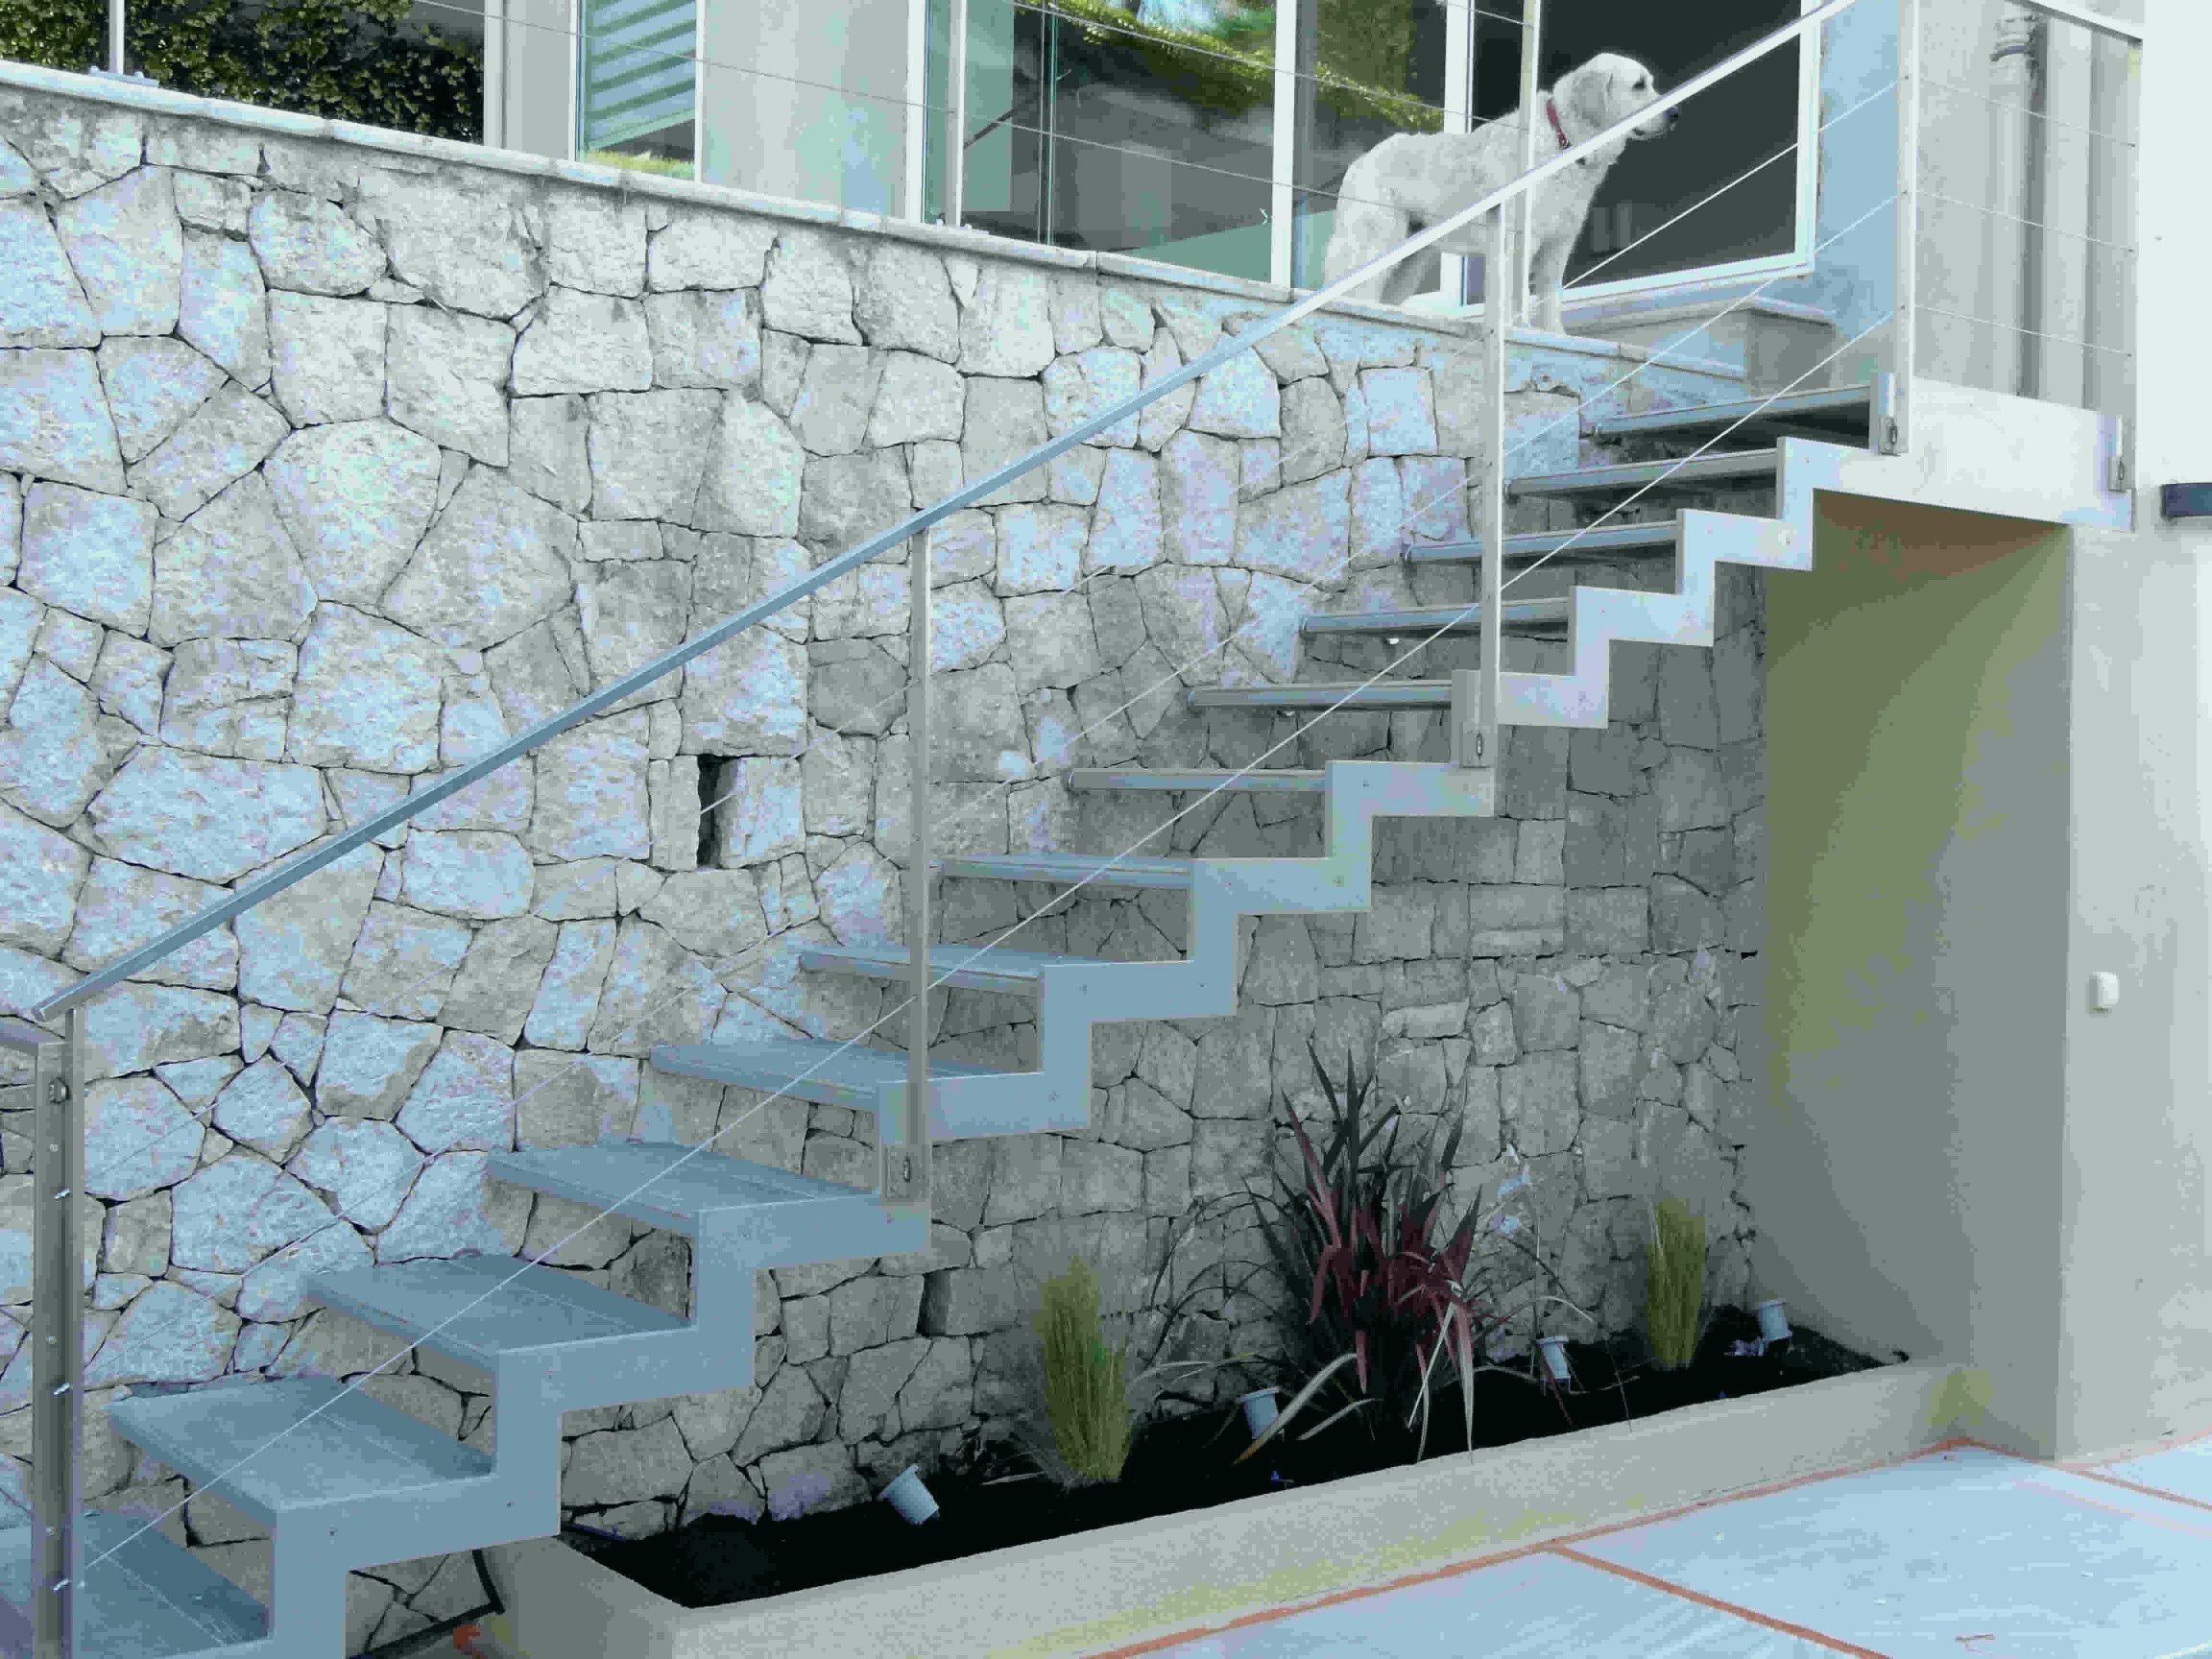 Luxury Carrelage Pour Escalier Interieur Leroy Merlin Escalier Exterieur Beton Escalier Exterieur Escalier